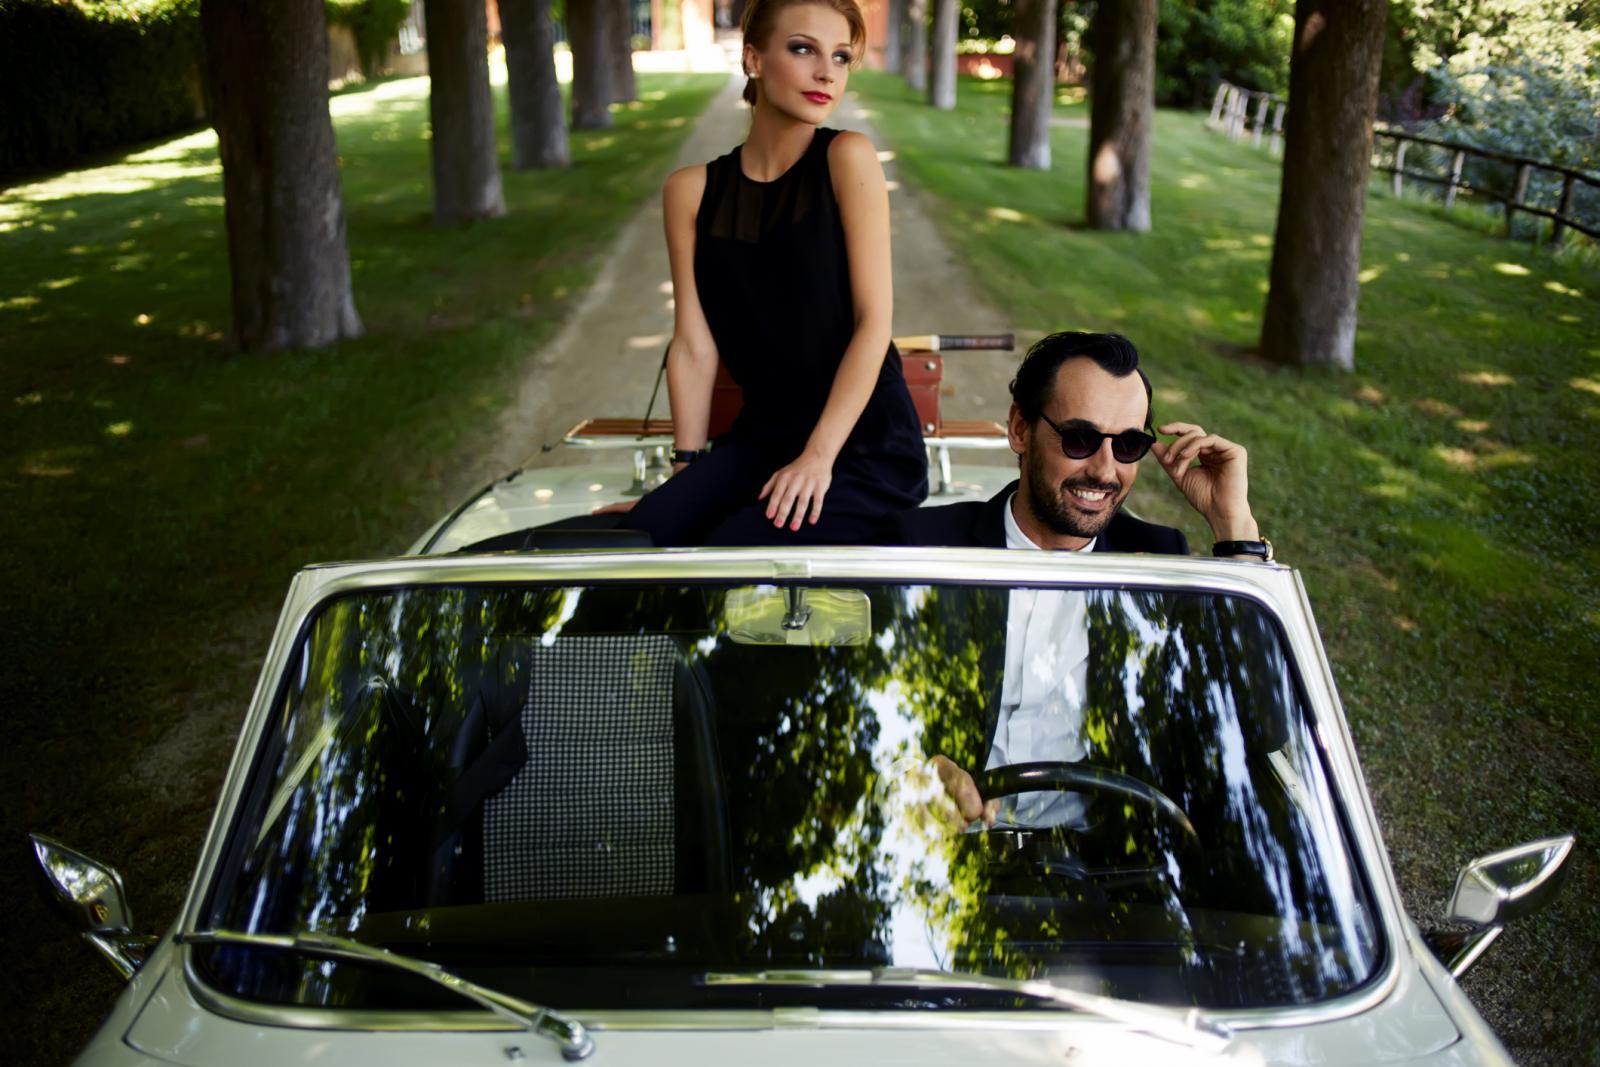 Kod muškaraca bijesni automobil, kod žena odjednom potreba za slobodom i emancipacijom, za traženjem i dobrim izgledom...